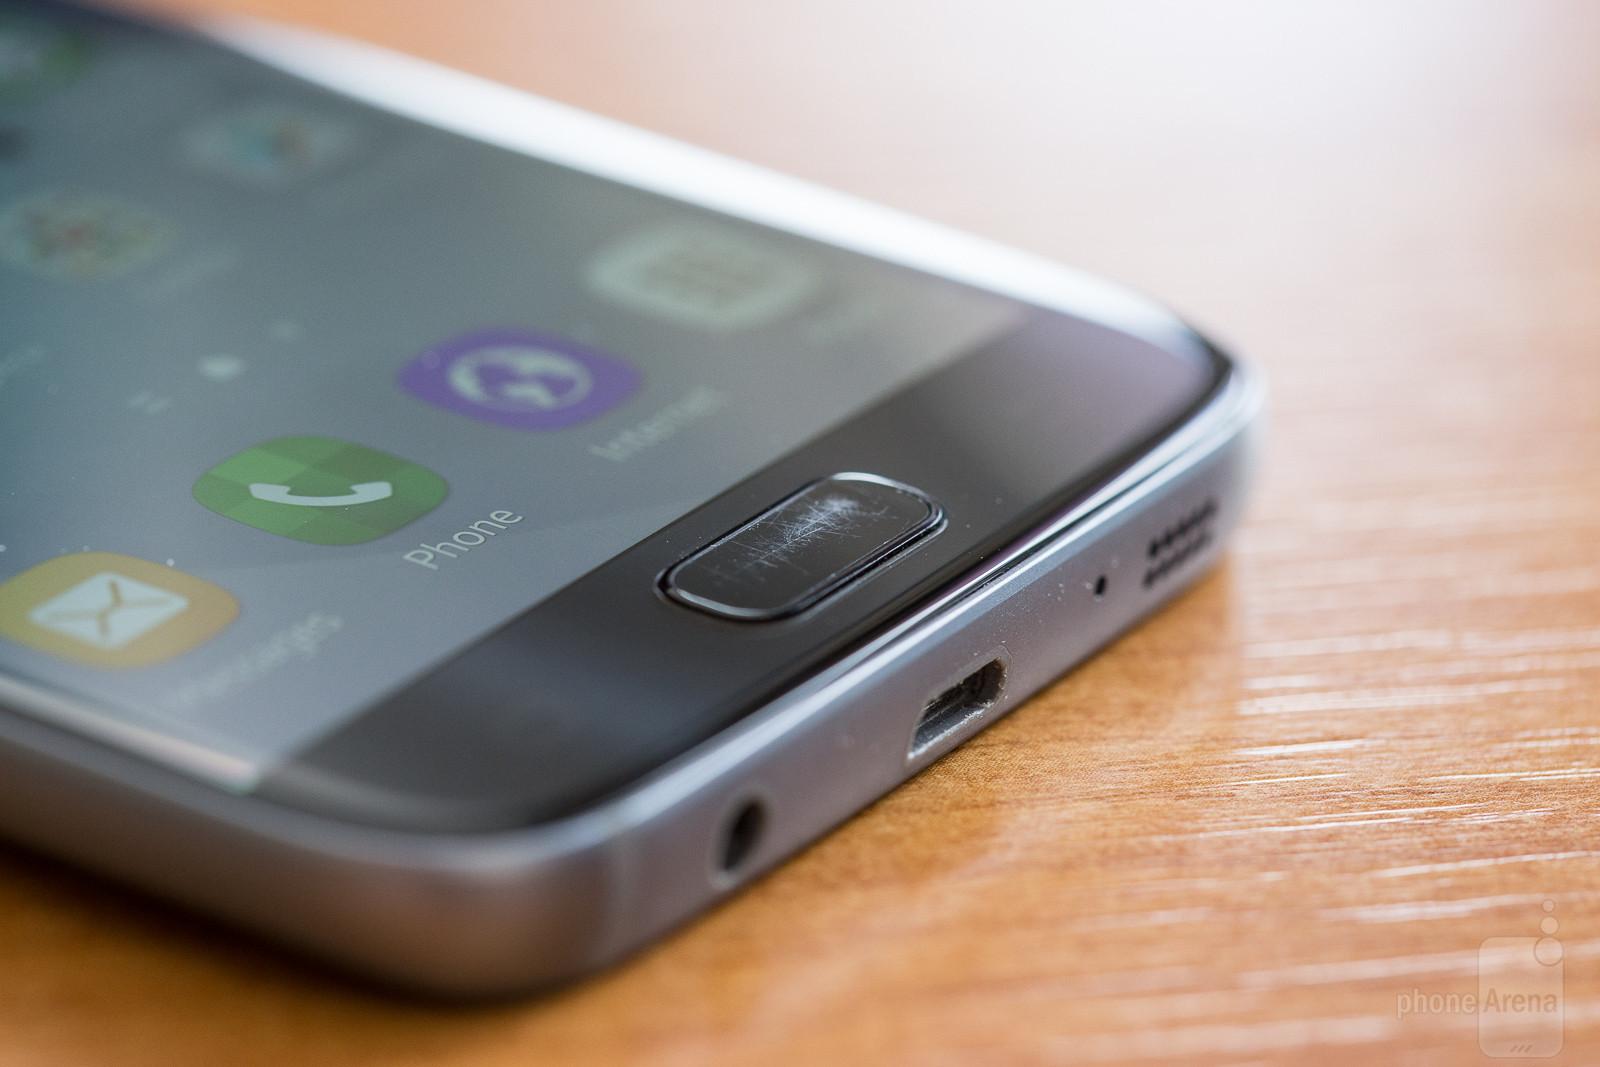 Thuisknop Van Galaxy S7 En S7 Edge Blijkt Snel Te Krassen